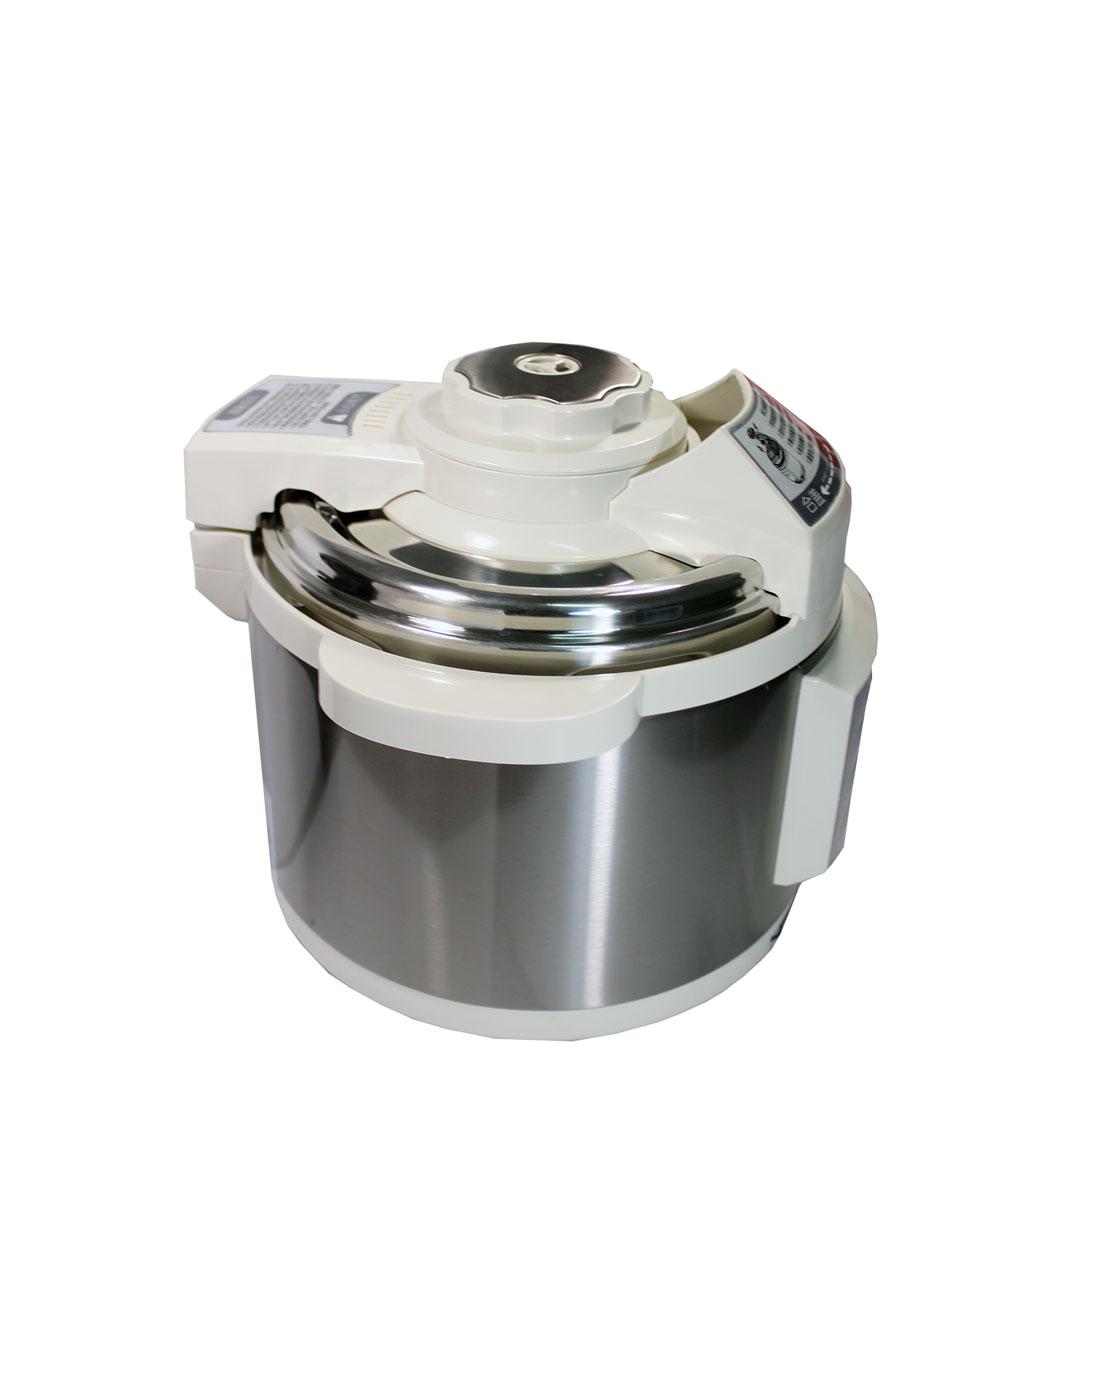 三洋银色微电脑电压力锅